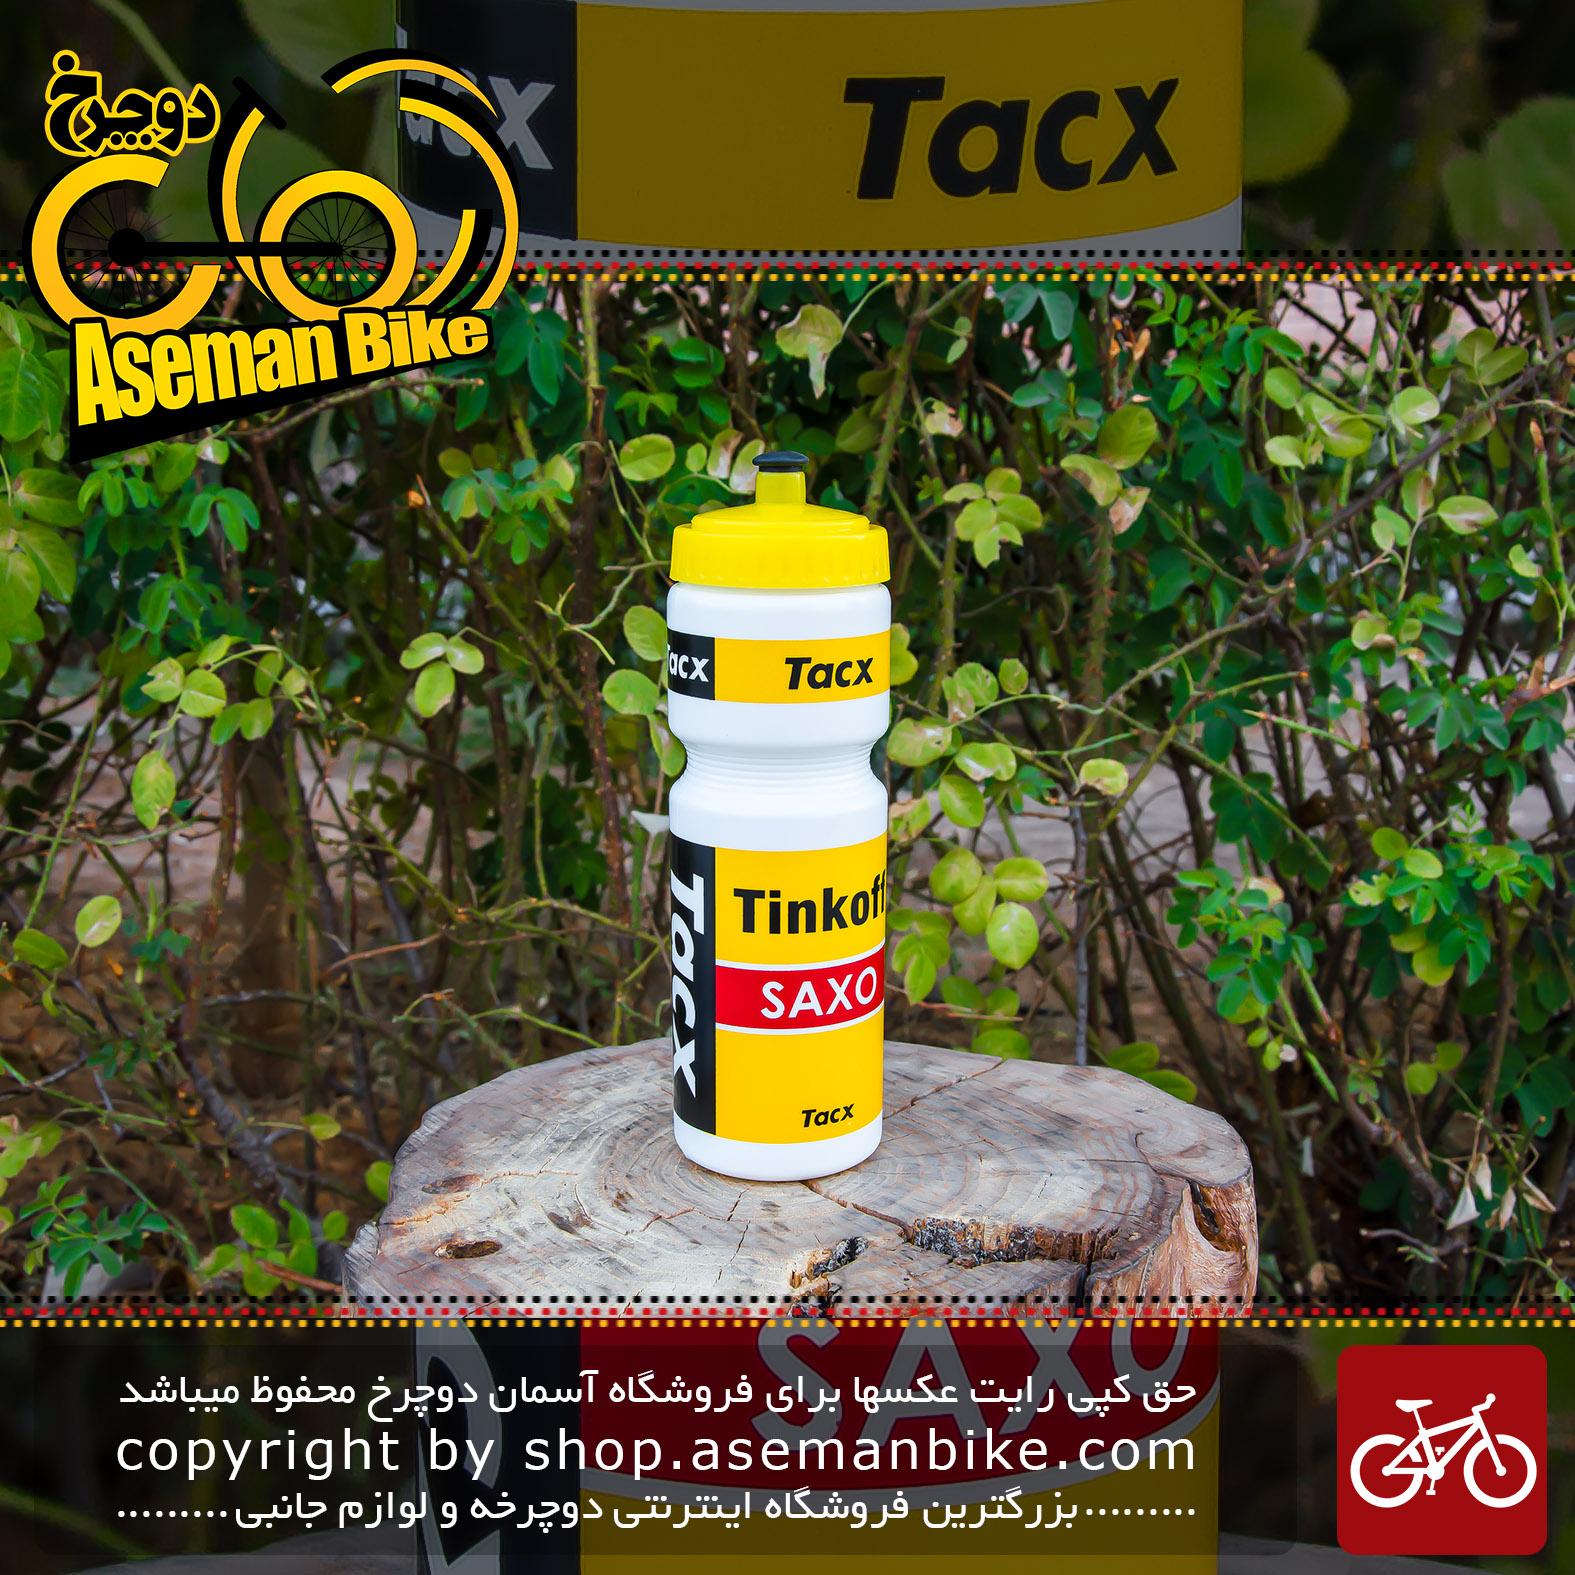 قمقمه تیمی دوچرخه تکس مدل ساکسو 750 سی سی Tacx Tinkoff Saxo Team